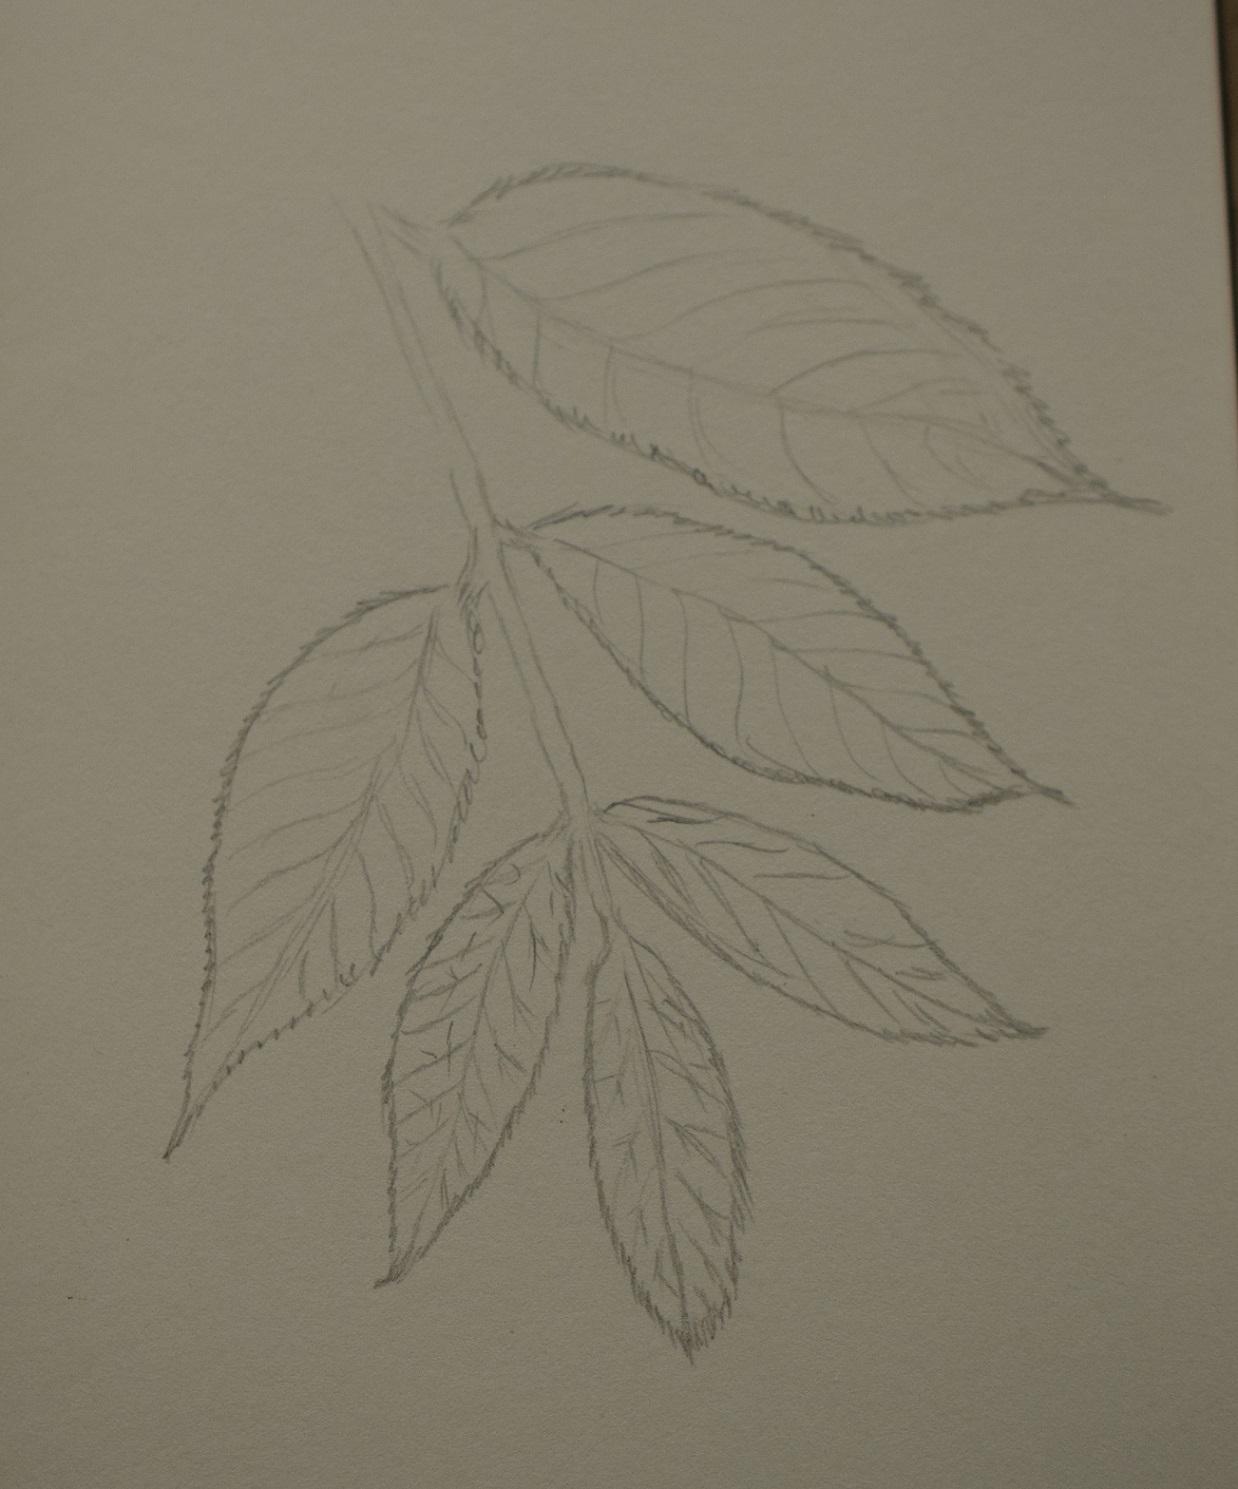 Pecan Tree Leaf